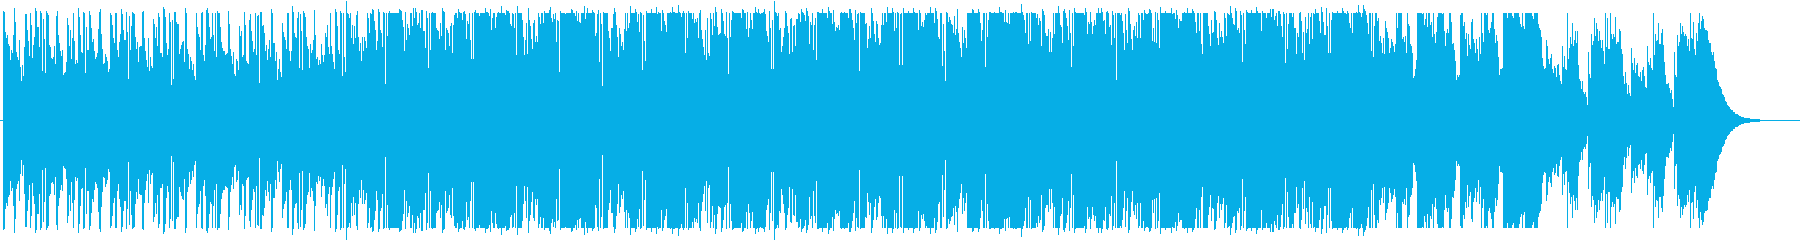 エレクトロニカ/不思議/ノスタルジックの再生済みの波形